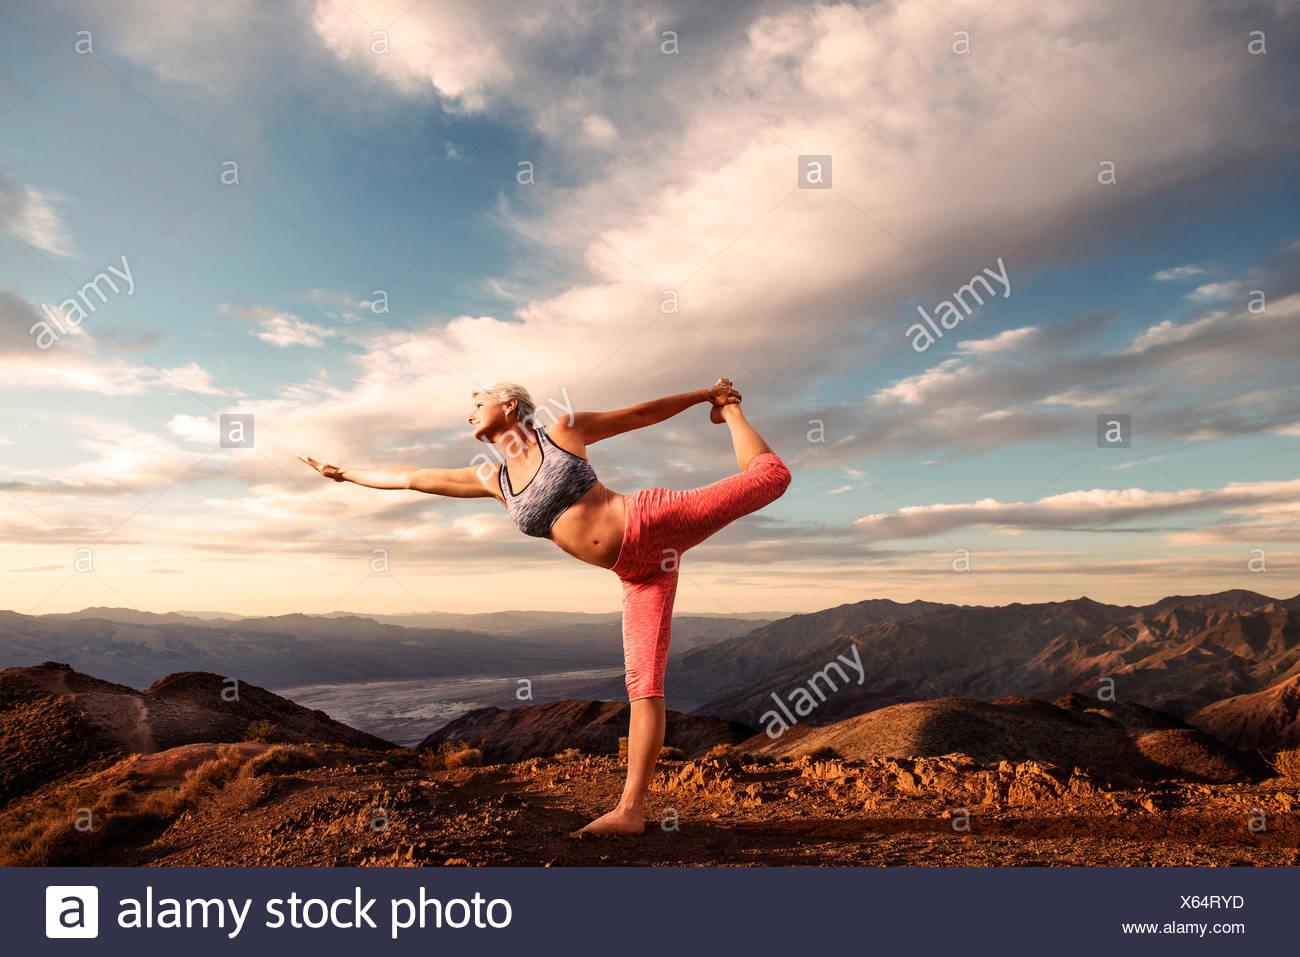 Ältere Frau tun Yoga-Pose auf Berg bei Sonnenuntergang mit Landschaft und Wüste Tal. Stockbild